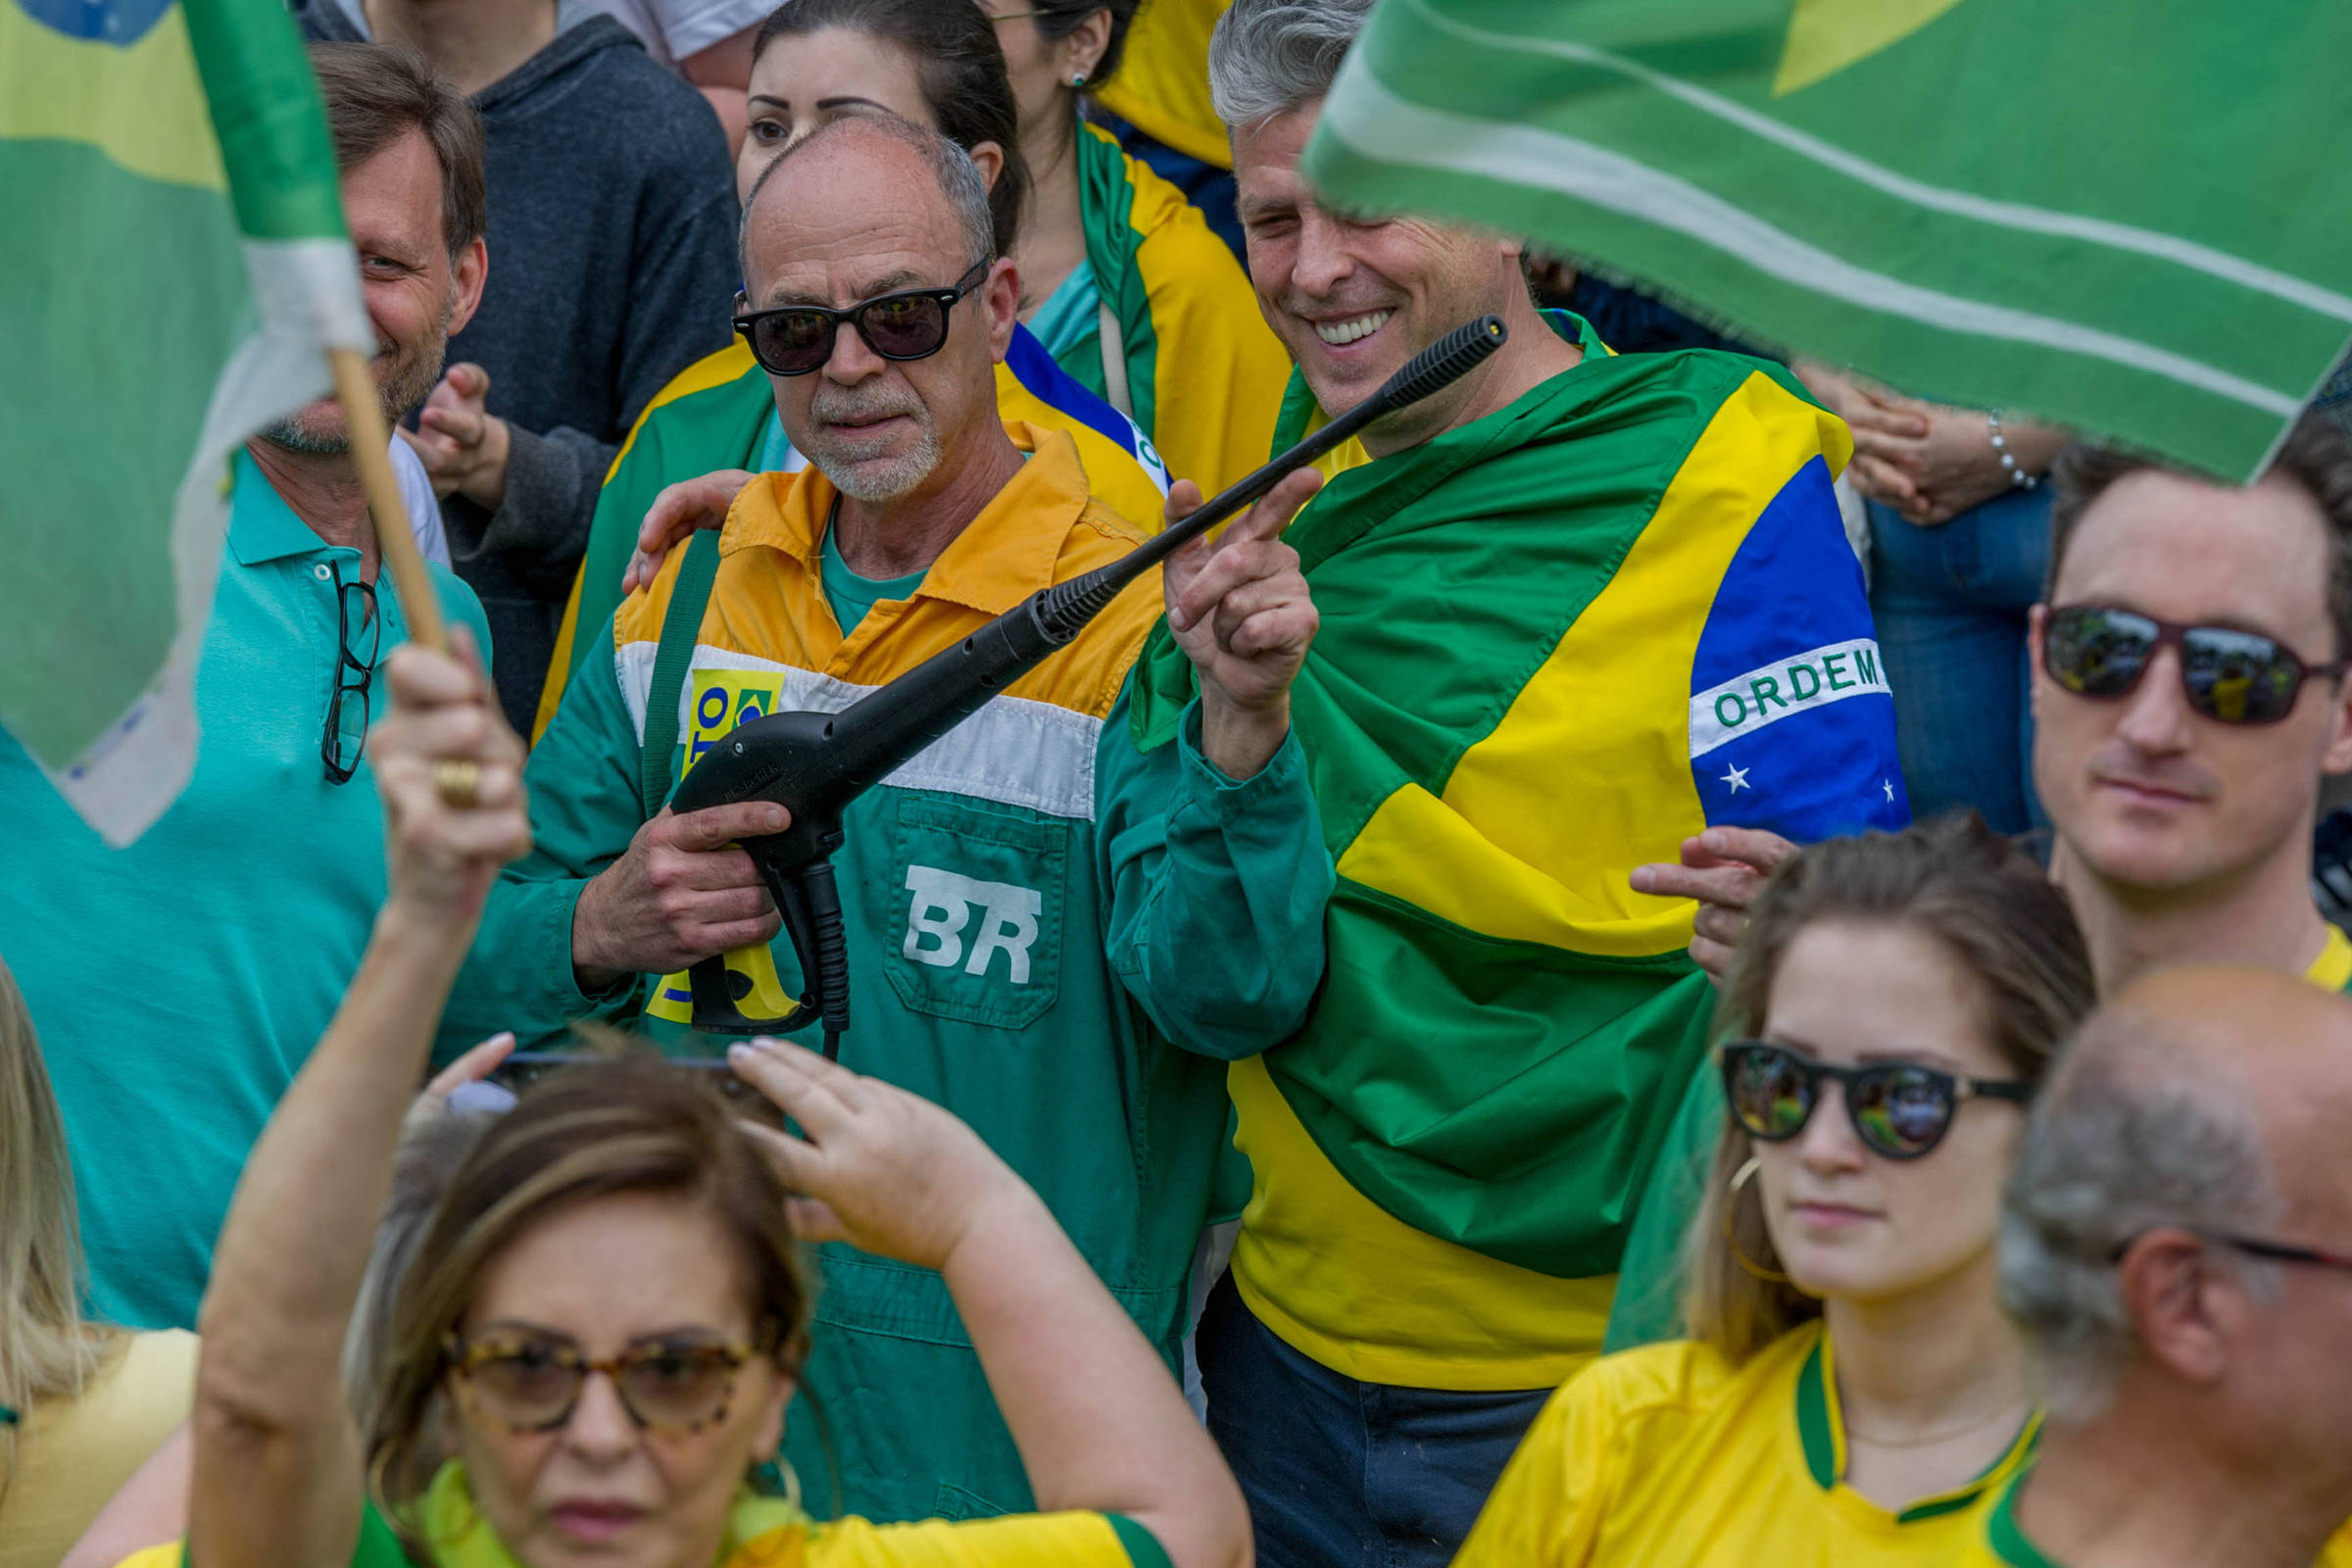 Empresários com agenda pró-Bolsonaro discordam de manifestação